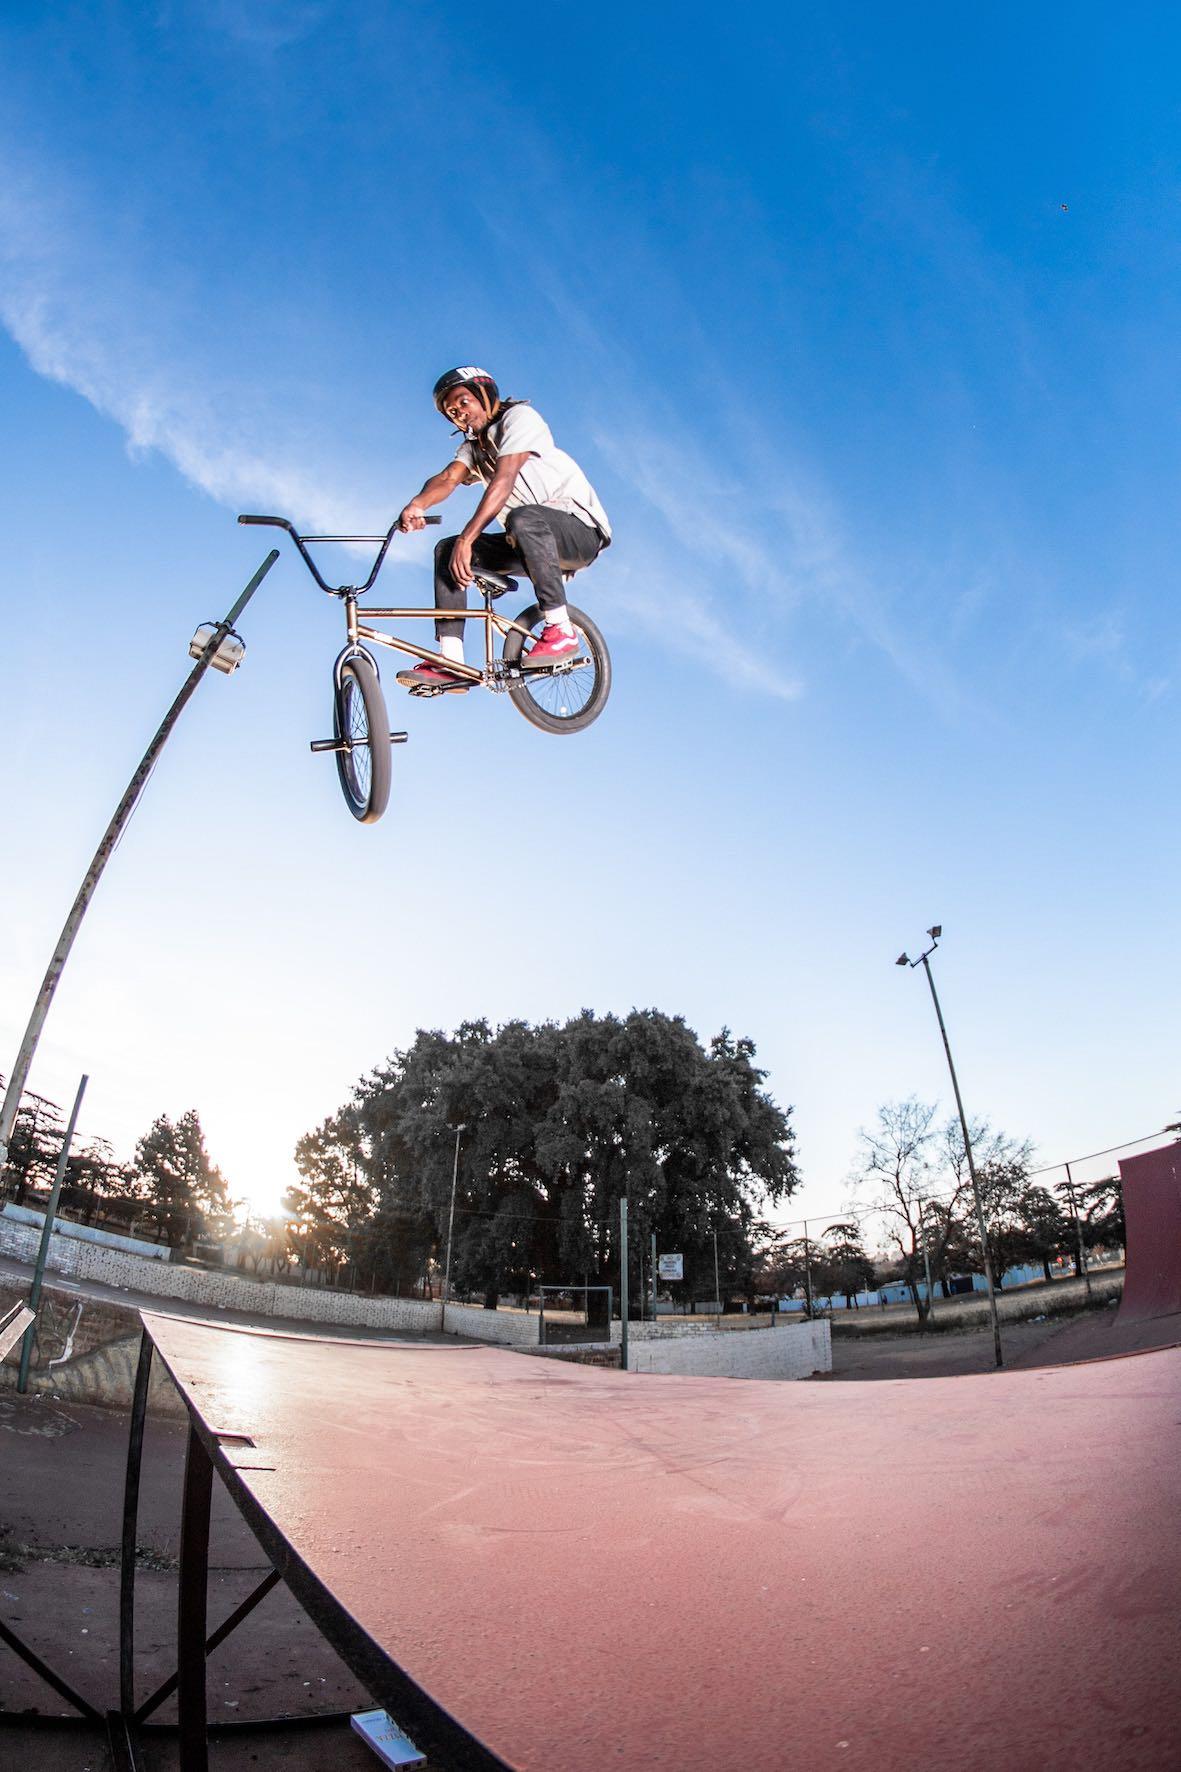 Toboggan 360 with Nathi Steeze at his local BMX park